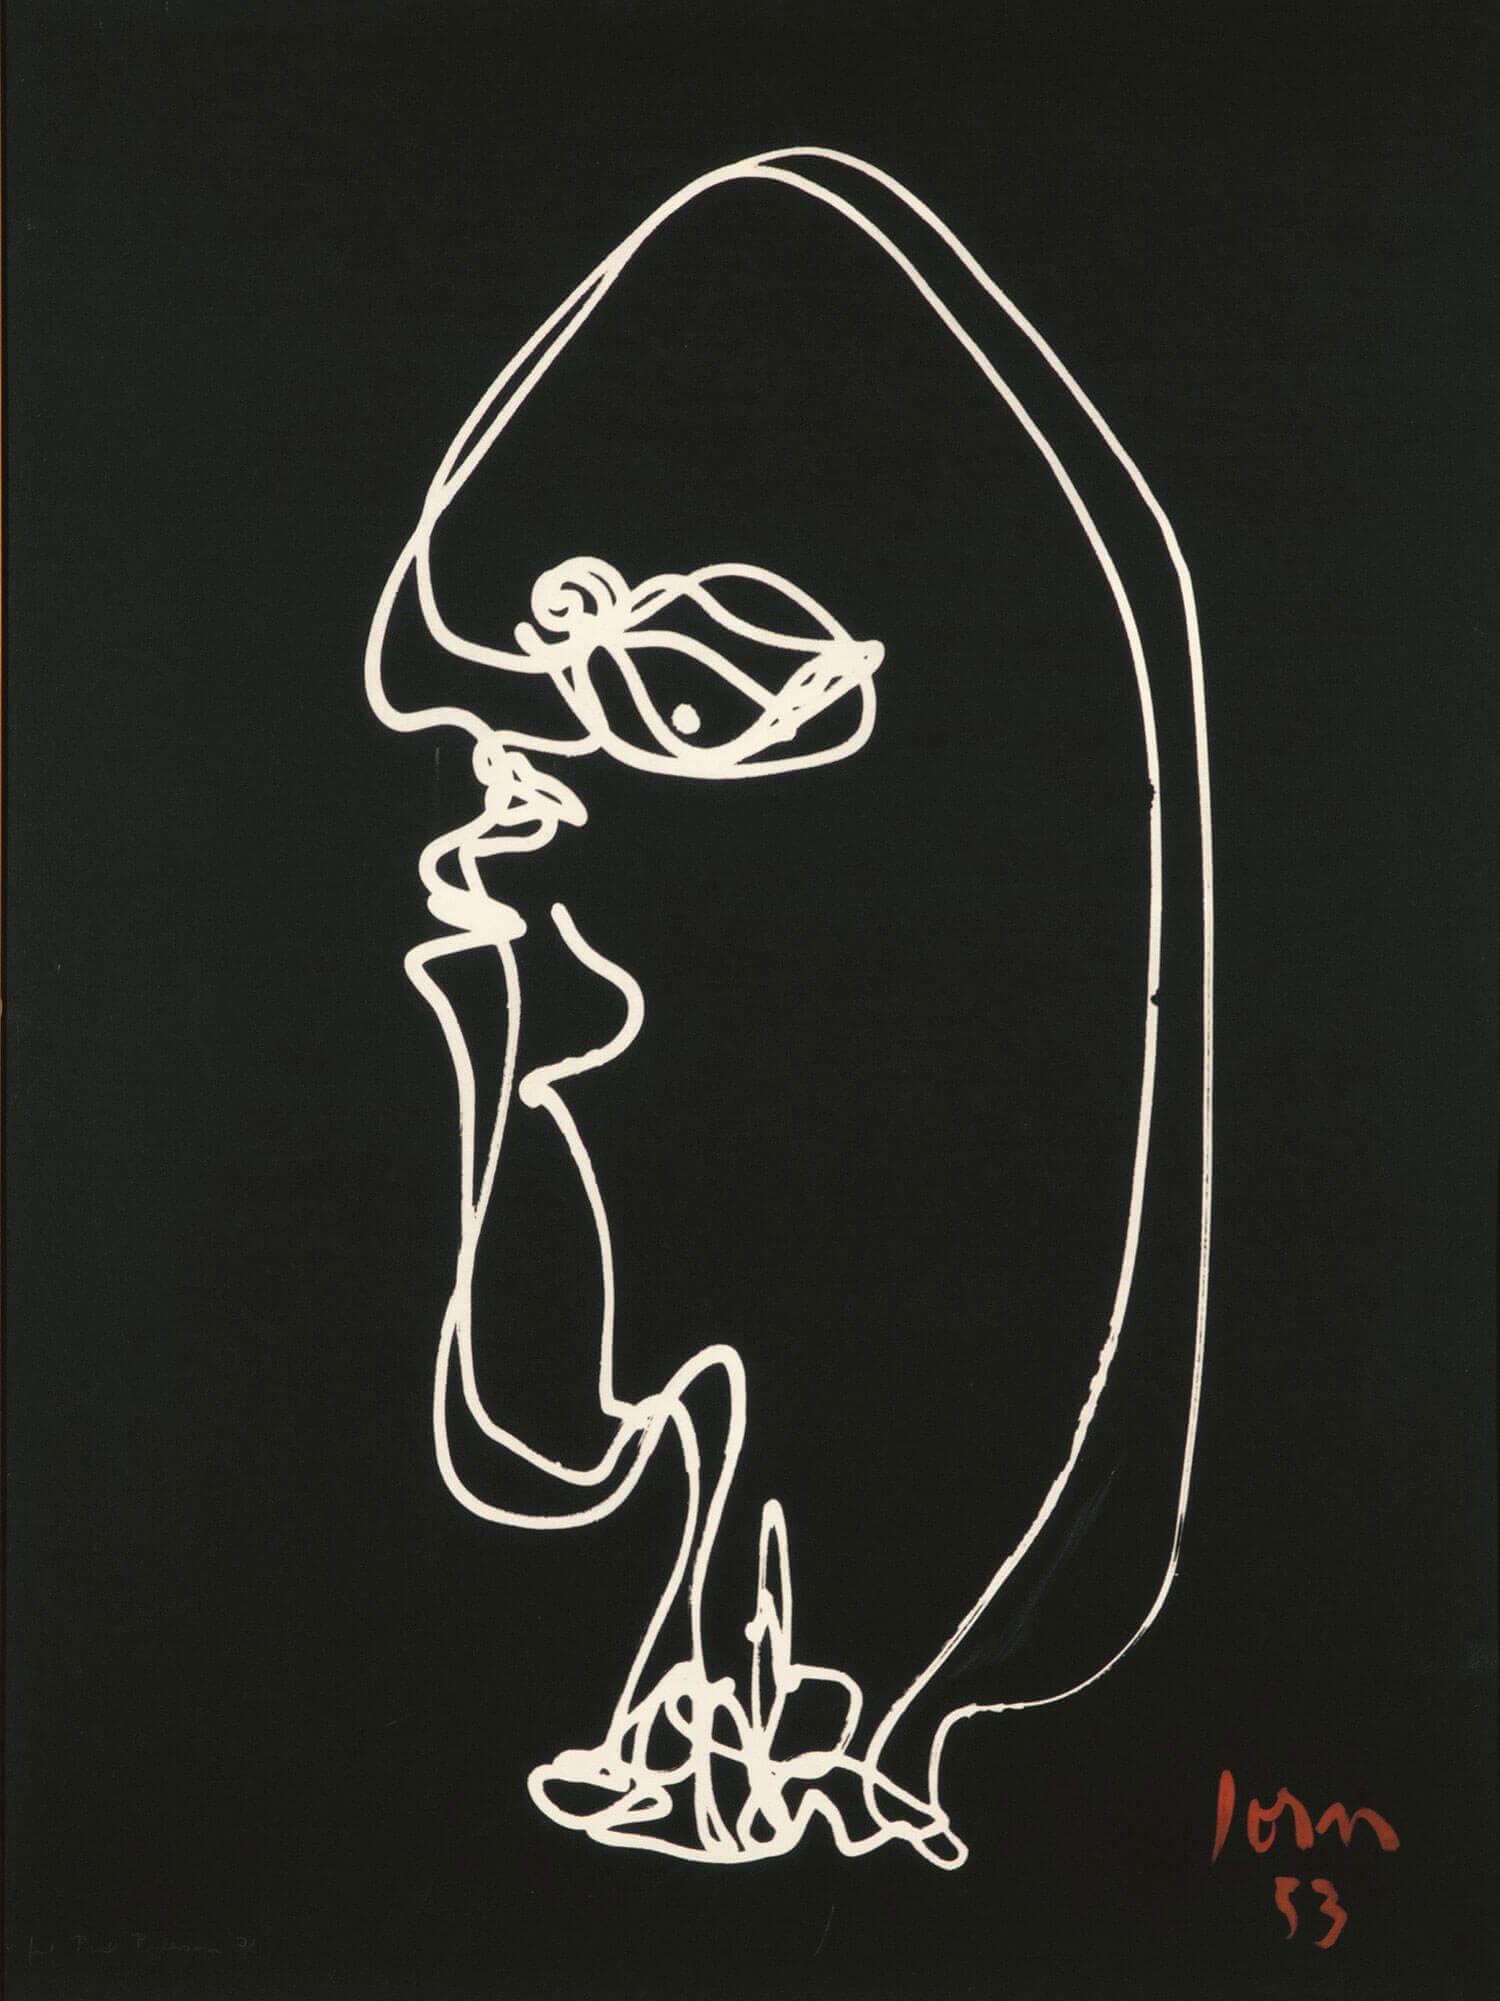 Asger Jorn (fotograf: Poul Pedersen):  VREDE, 1953 Lystegning, fotografisk aftryk på præpareret lærred  159 x 119 cm